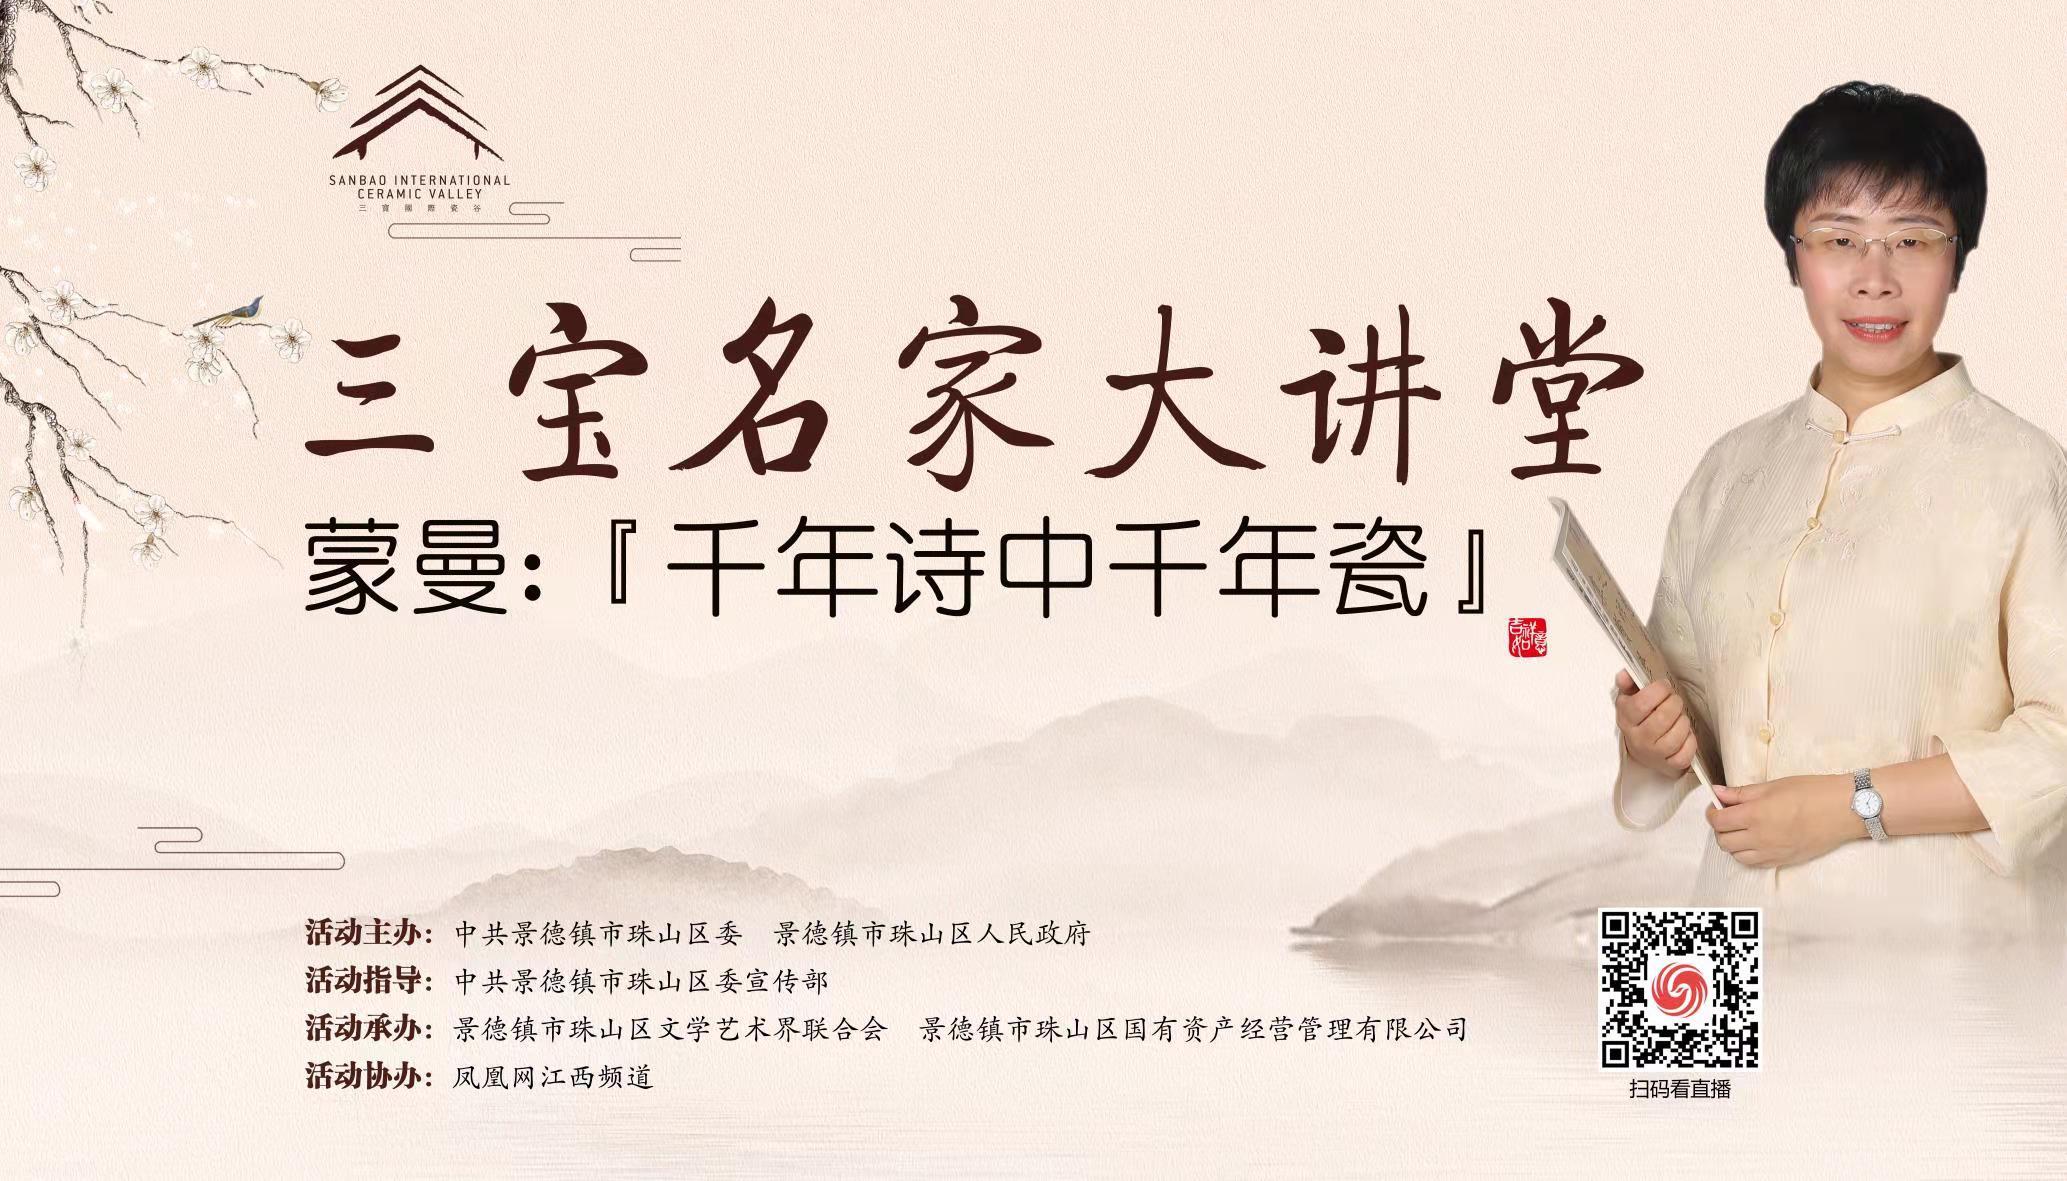 12月27日蒙曼教授景德镇开讲《千年诗中千年瓷》